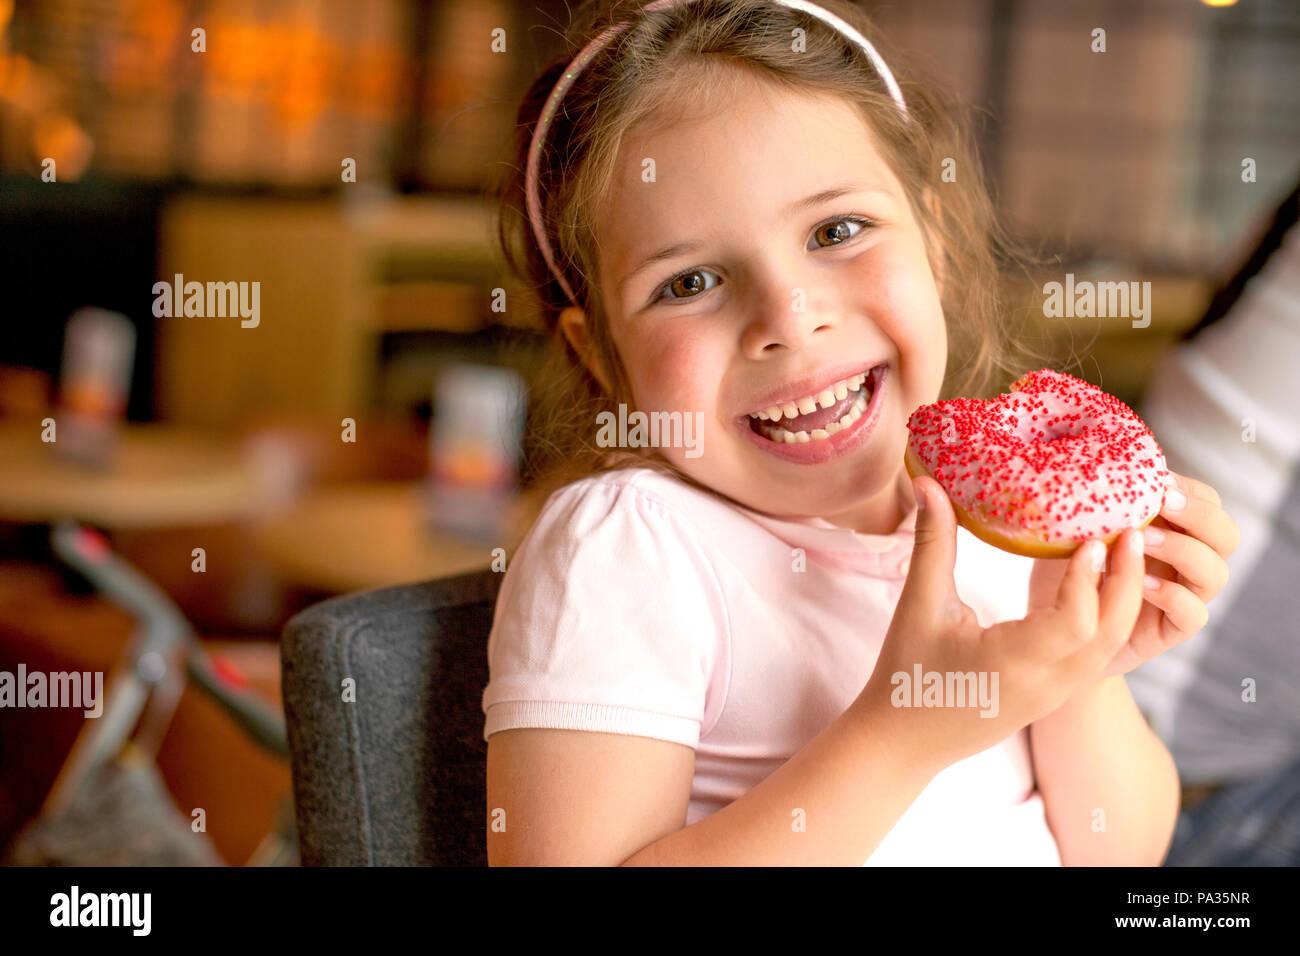 Felice ragazza pasticceria mangiare in un bar. Nocivo cibo dolce. Tendenze nel cibo. Spazio di copia Immagini Stock